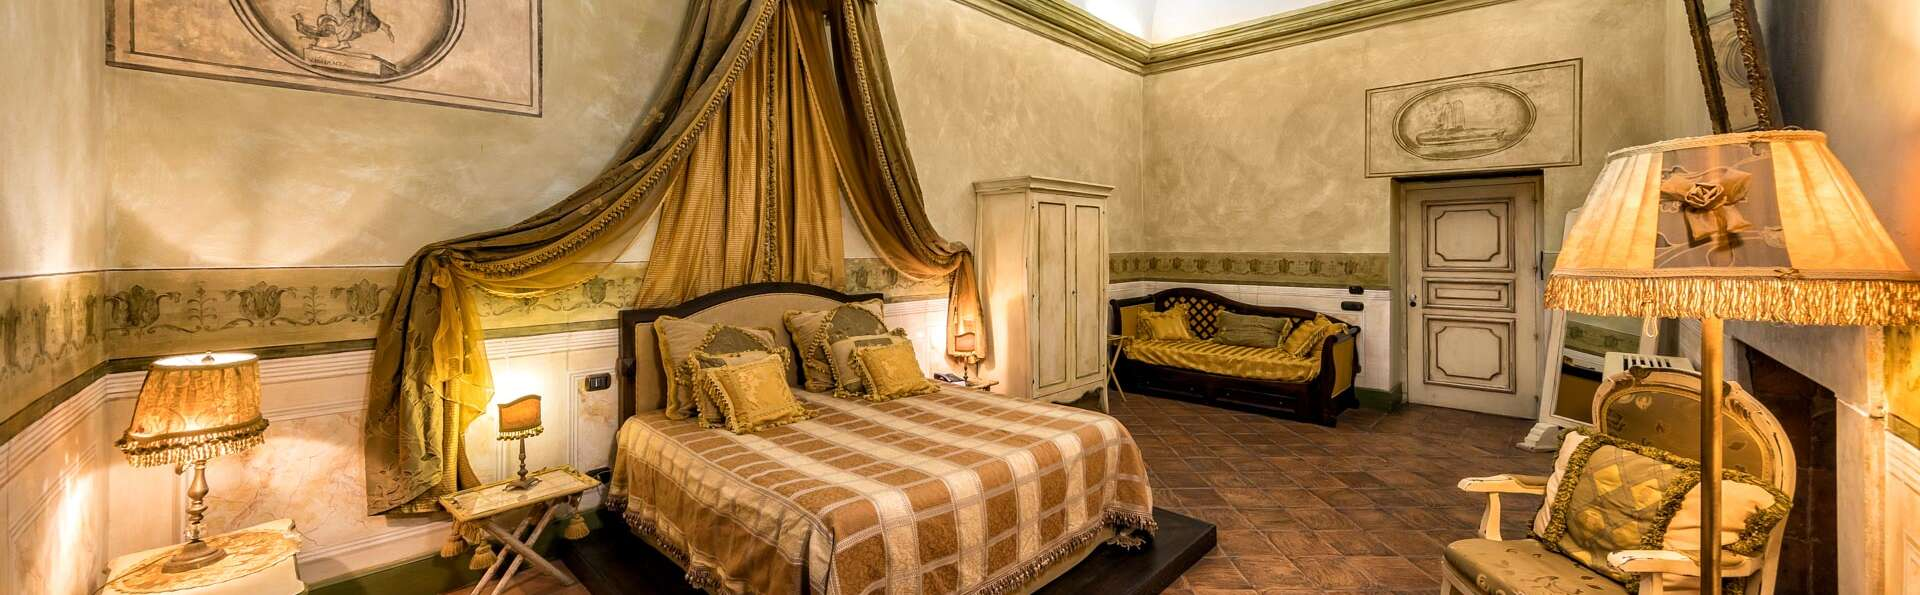 Nuit romantique au château près de Caserta dans une suite junior avec dîner et spa privé